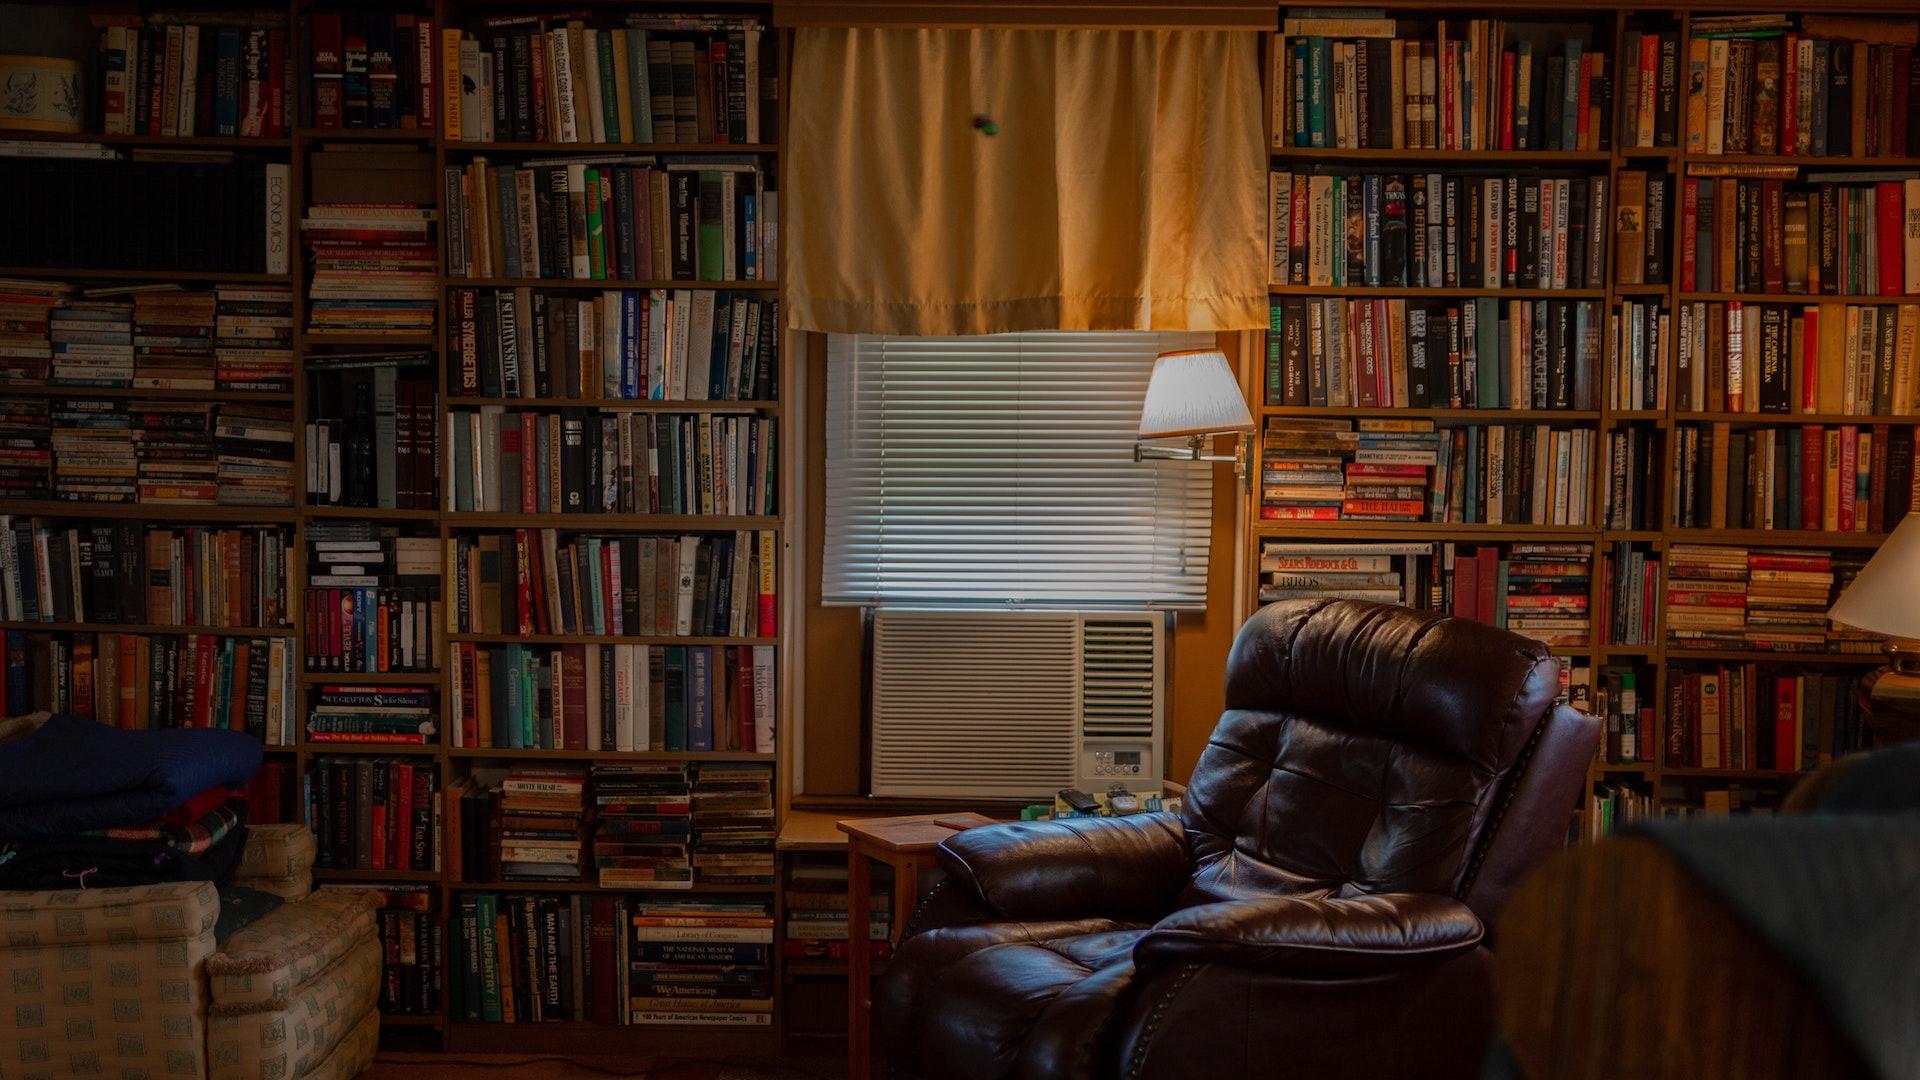 たくさん本のあるごちゃごちゃした部屋の無料バーチャル背景素材